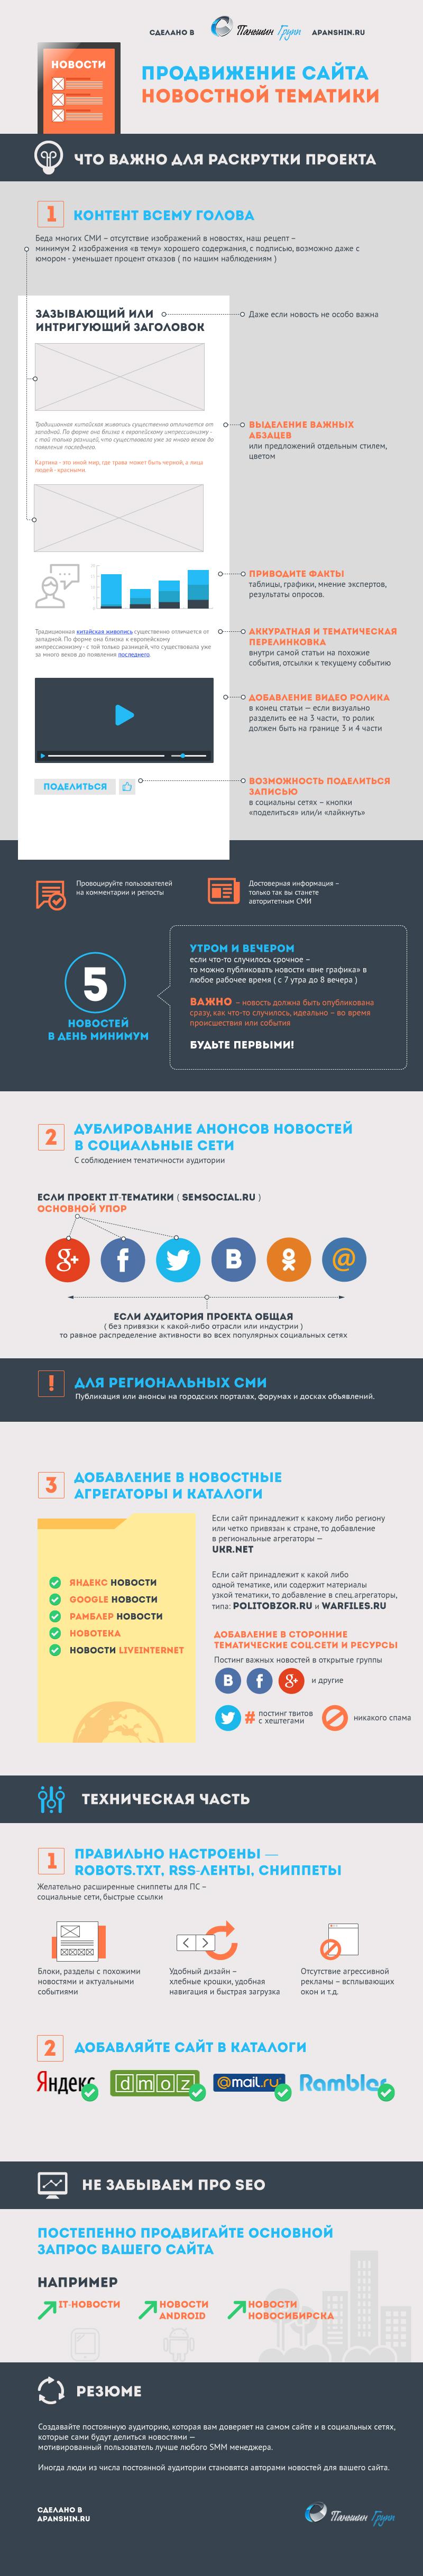 инфографика по продвижению новостных сайтов